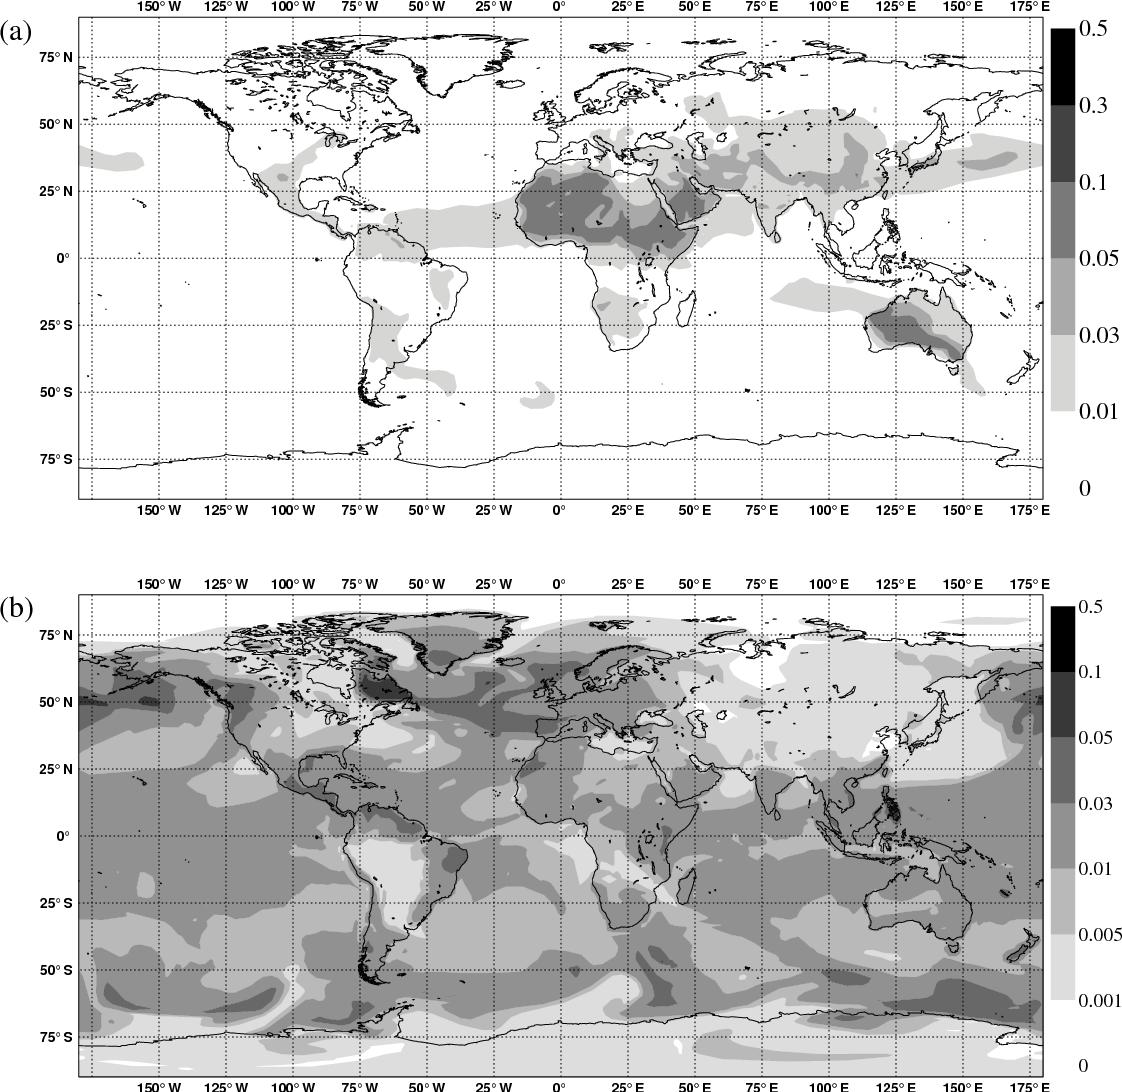 489 Background error statistics for aerosols - Semantic Scholar